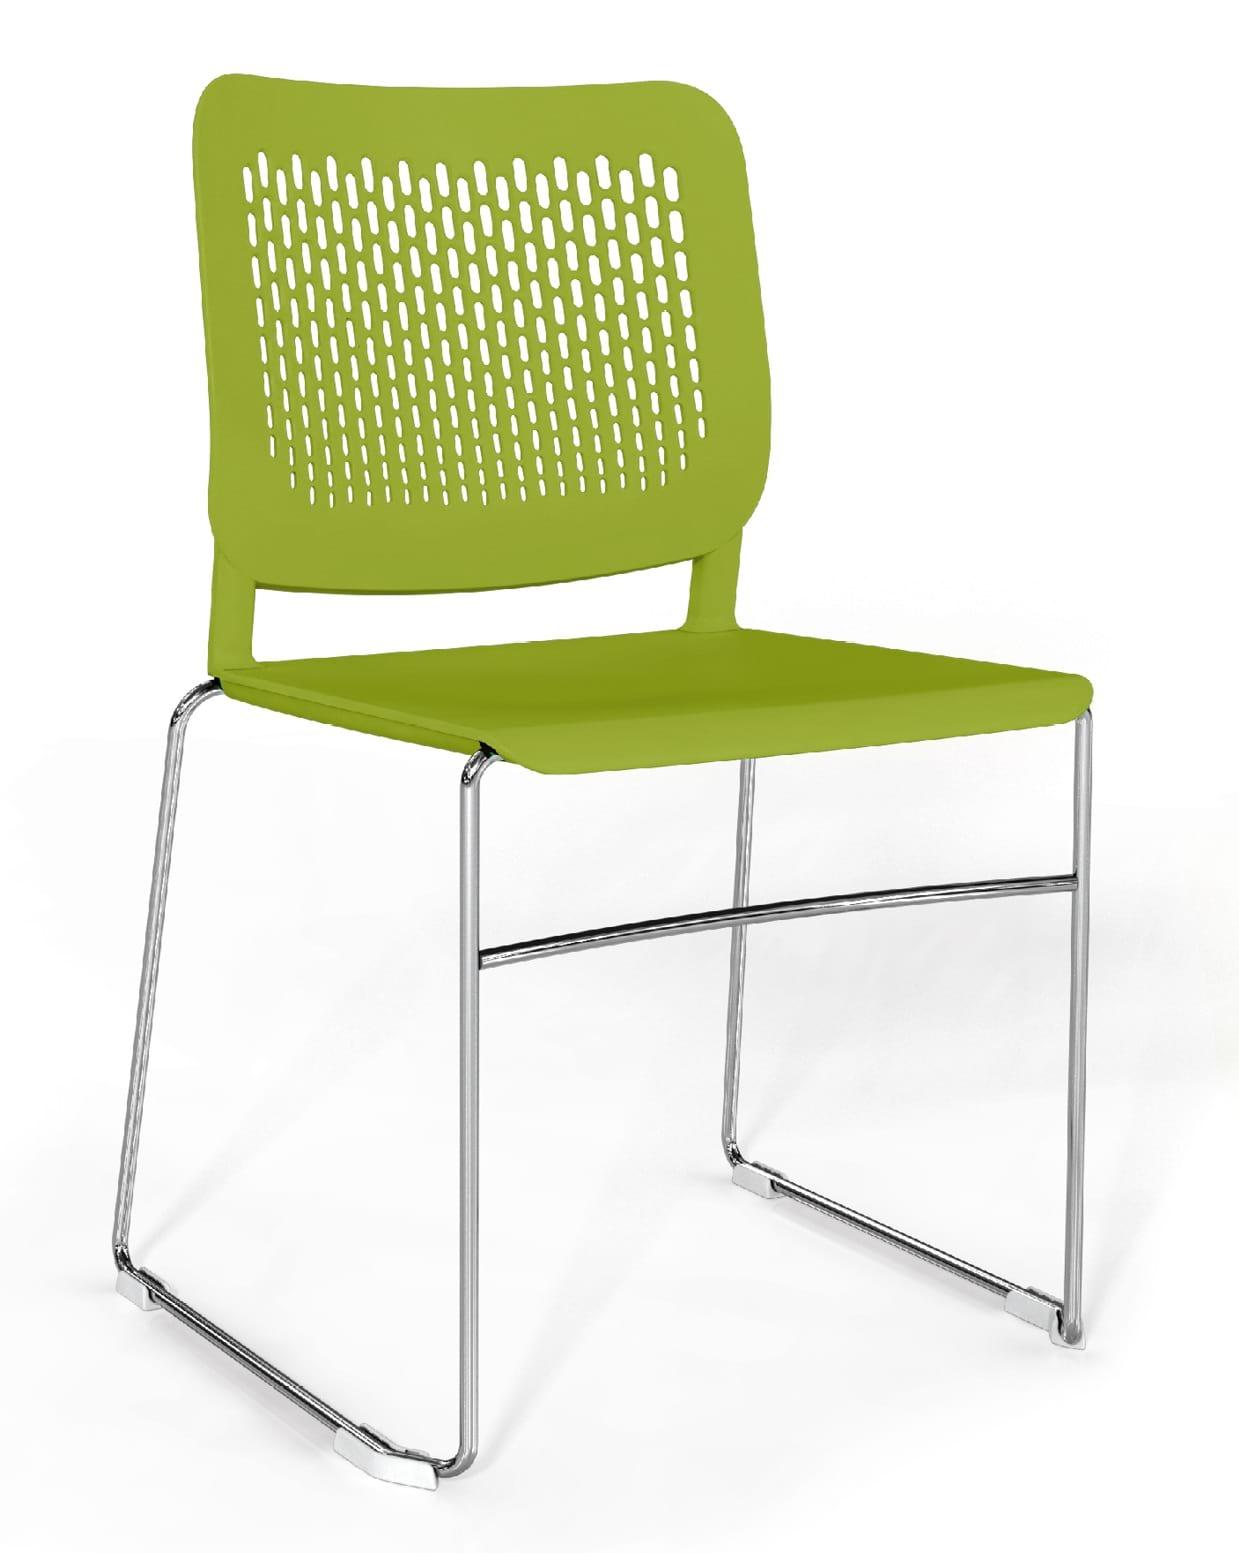 Sedute collettivit milano vendita sedie impilabili per for Sedute per ufficio